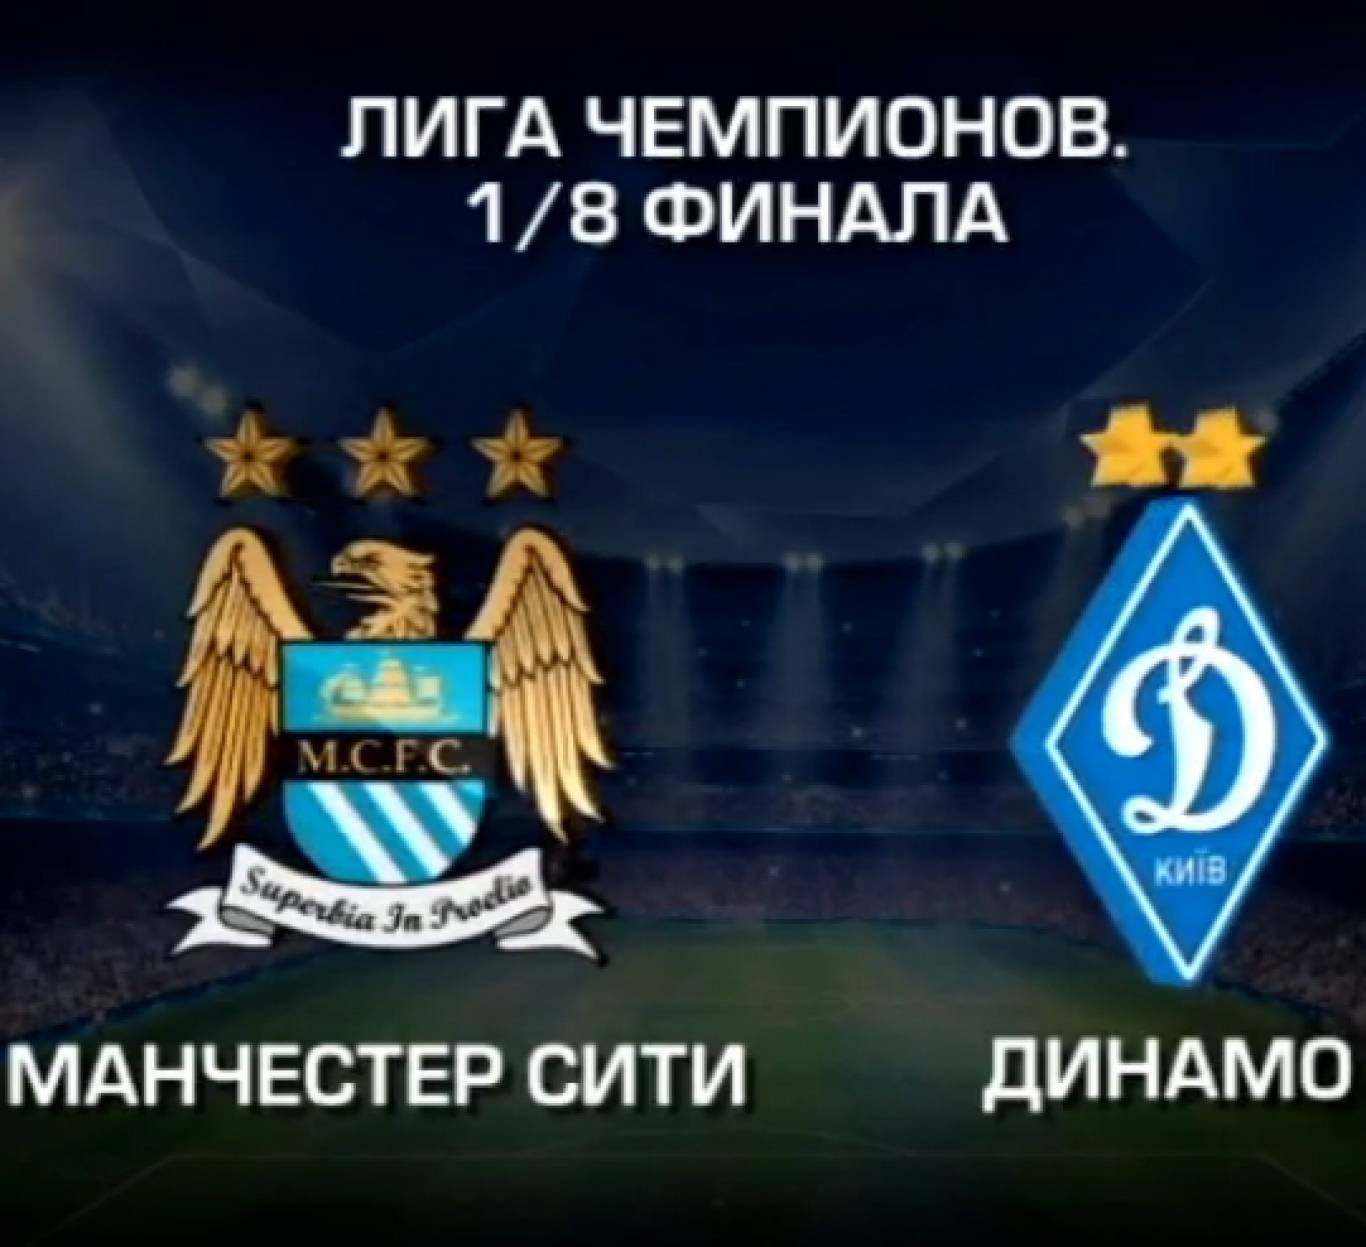 """Поїздка на матч """"Динамо - Мансити"""""""